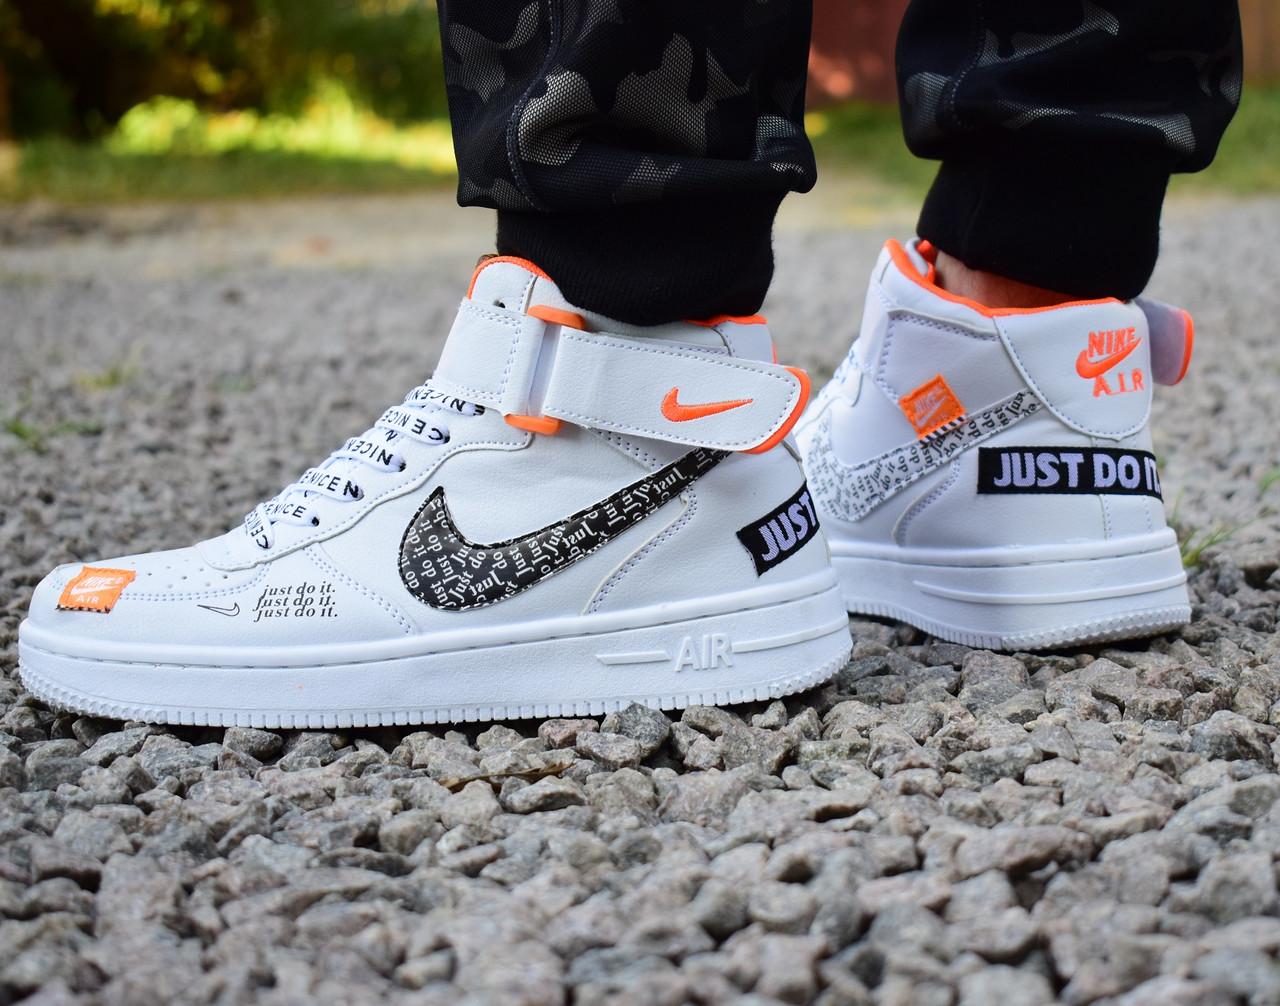 """Кроссовки Nike Air Force 1 high """"just do it"""" мужские в белом цвете М0134, фото 1"""